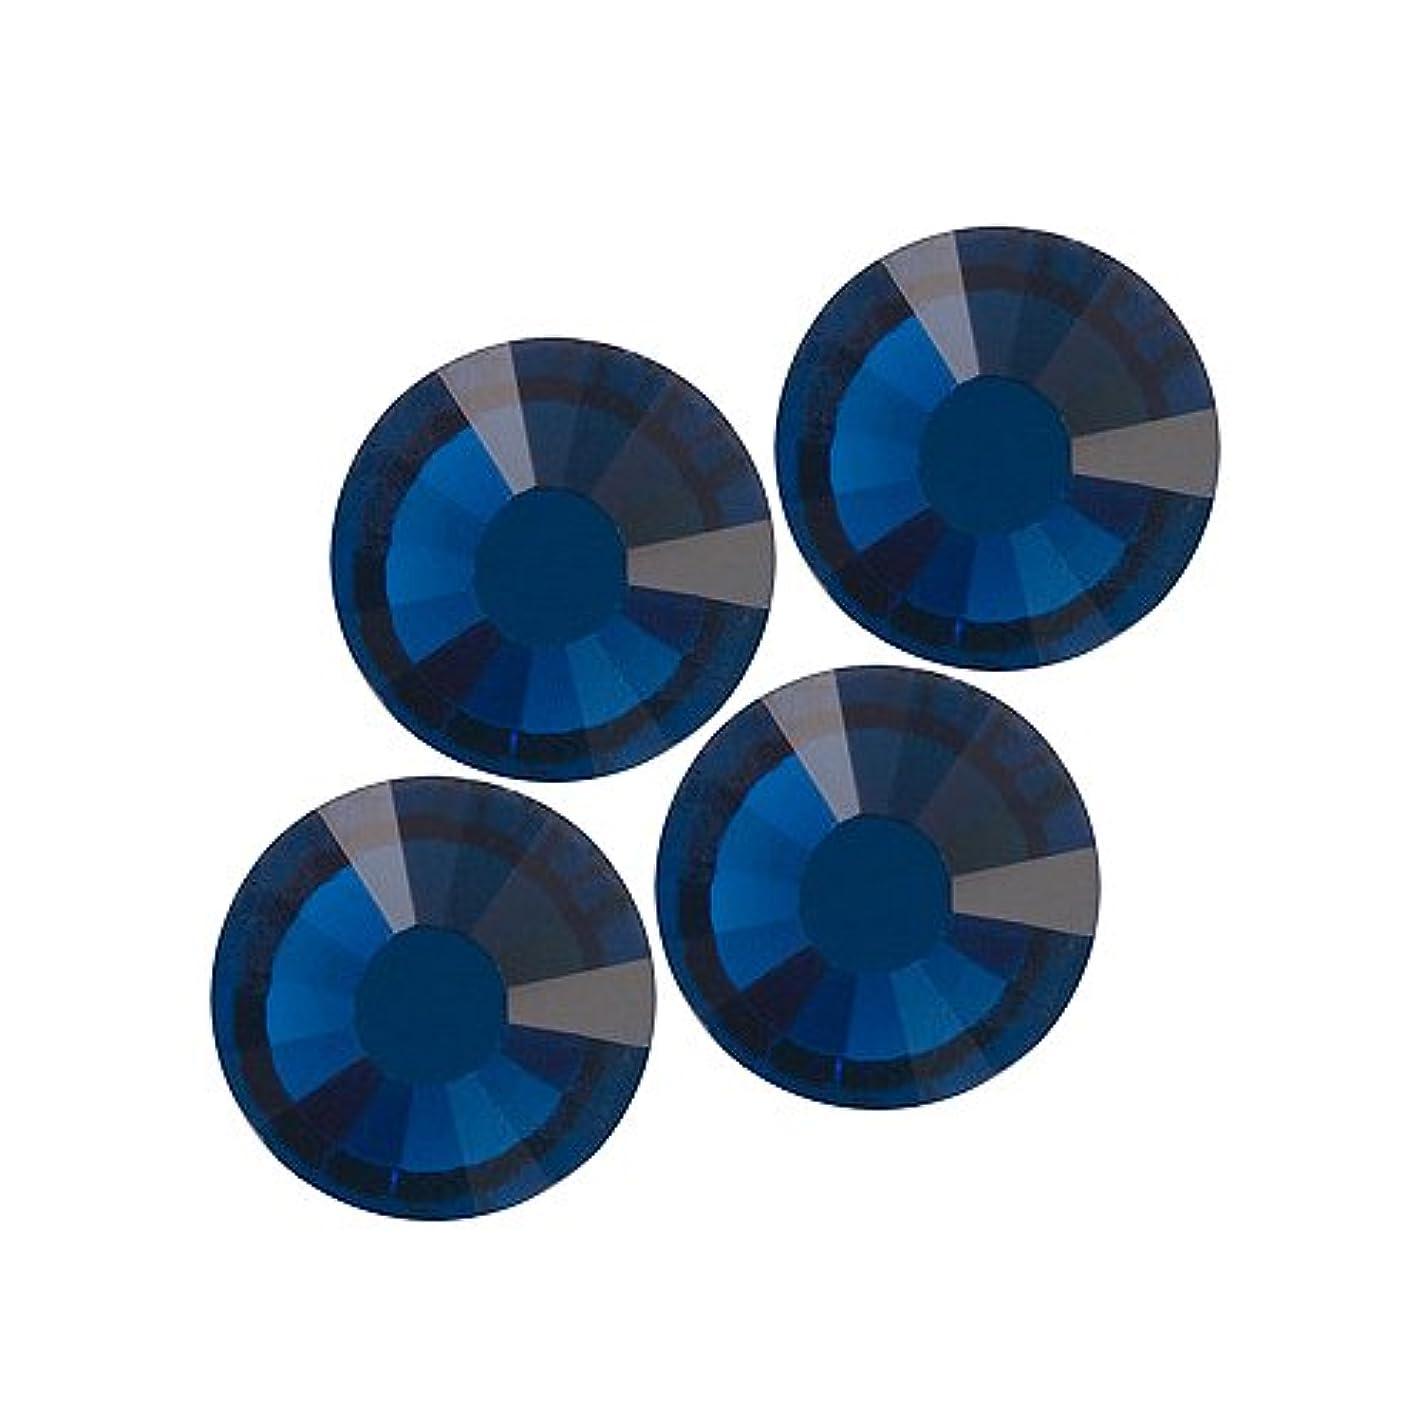 労働者接ぎ木反発するバイナル DIAMOND RHINESTONE モンタナ SS8 720粒 ST-SS8-MON-5G